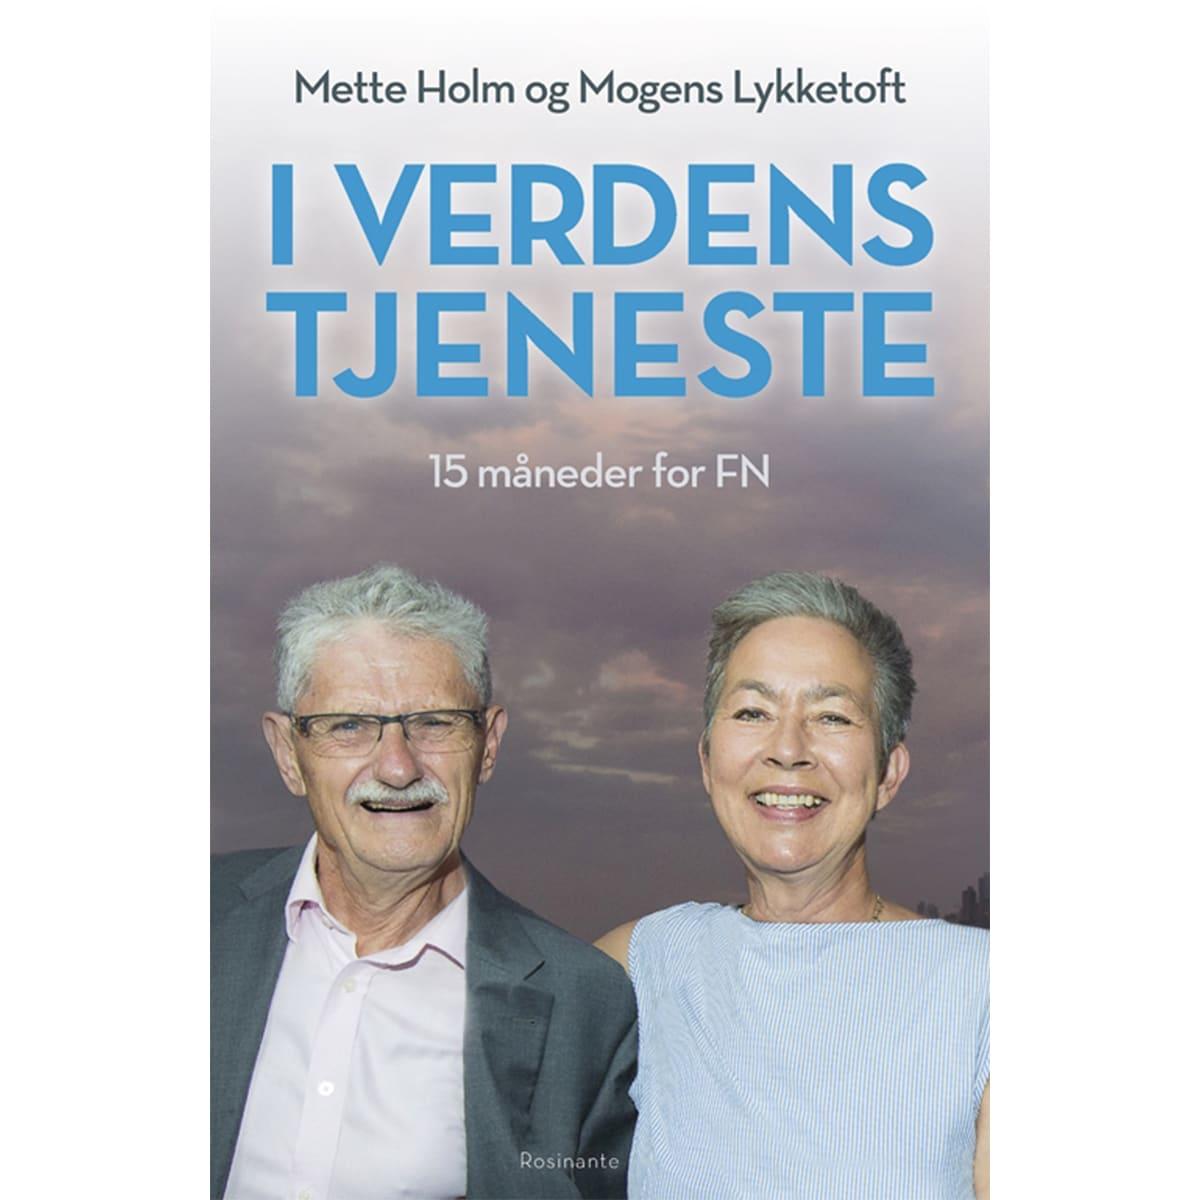 Af Mogens Lykketoft & Mette Holm